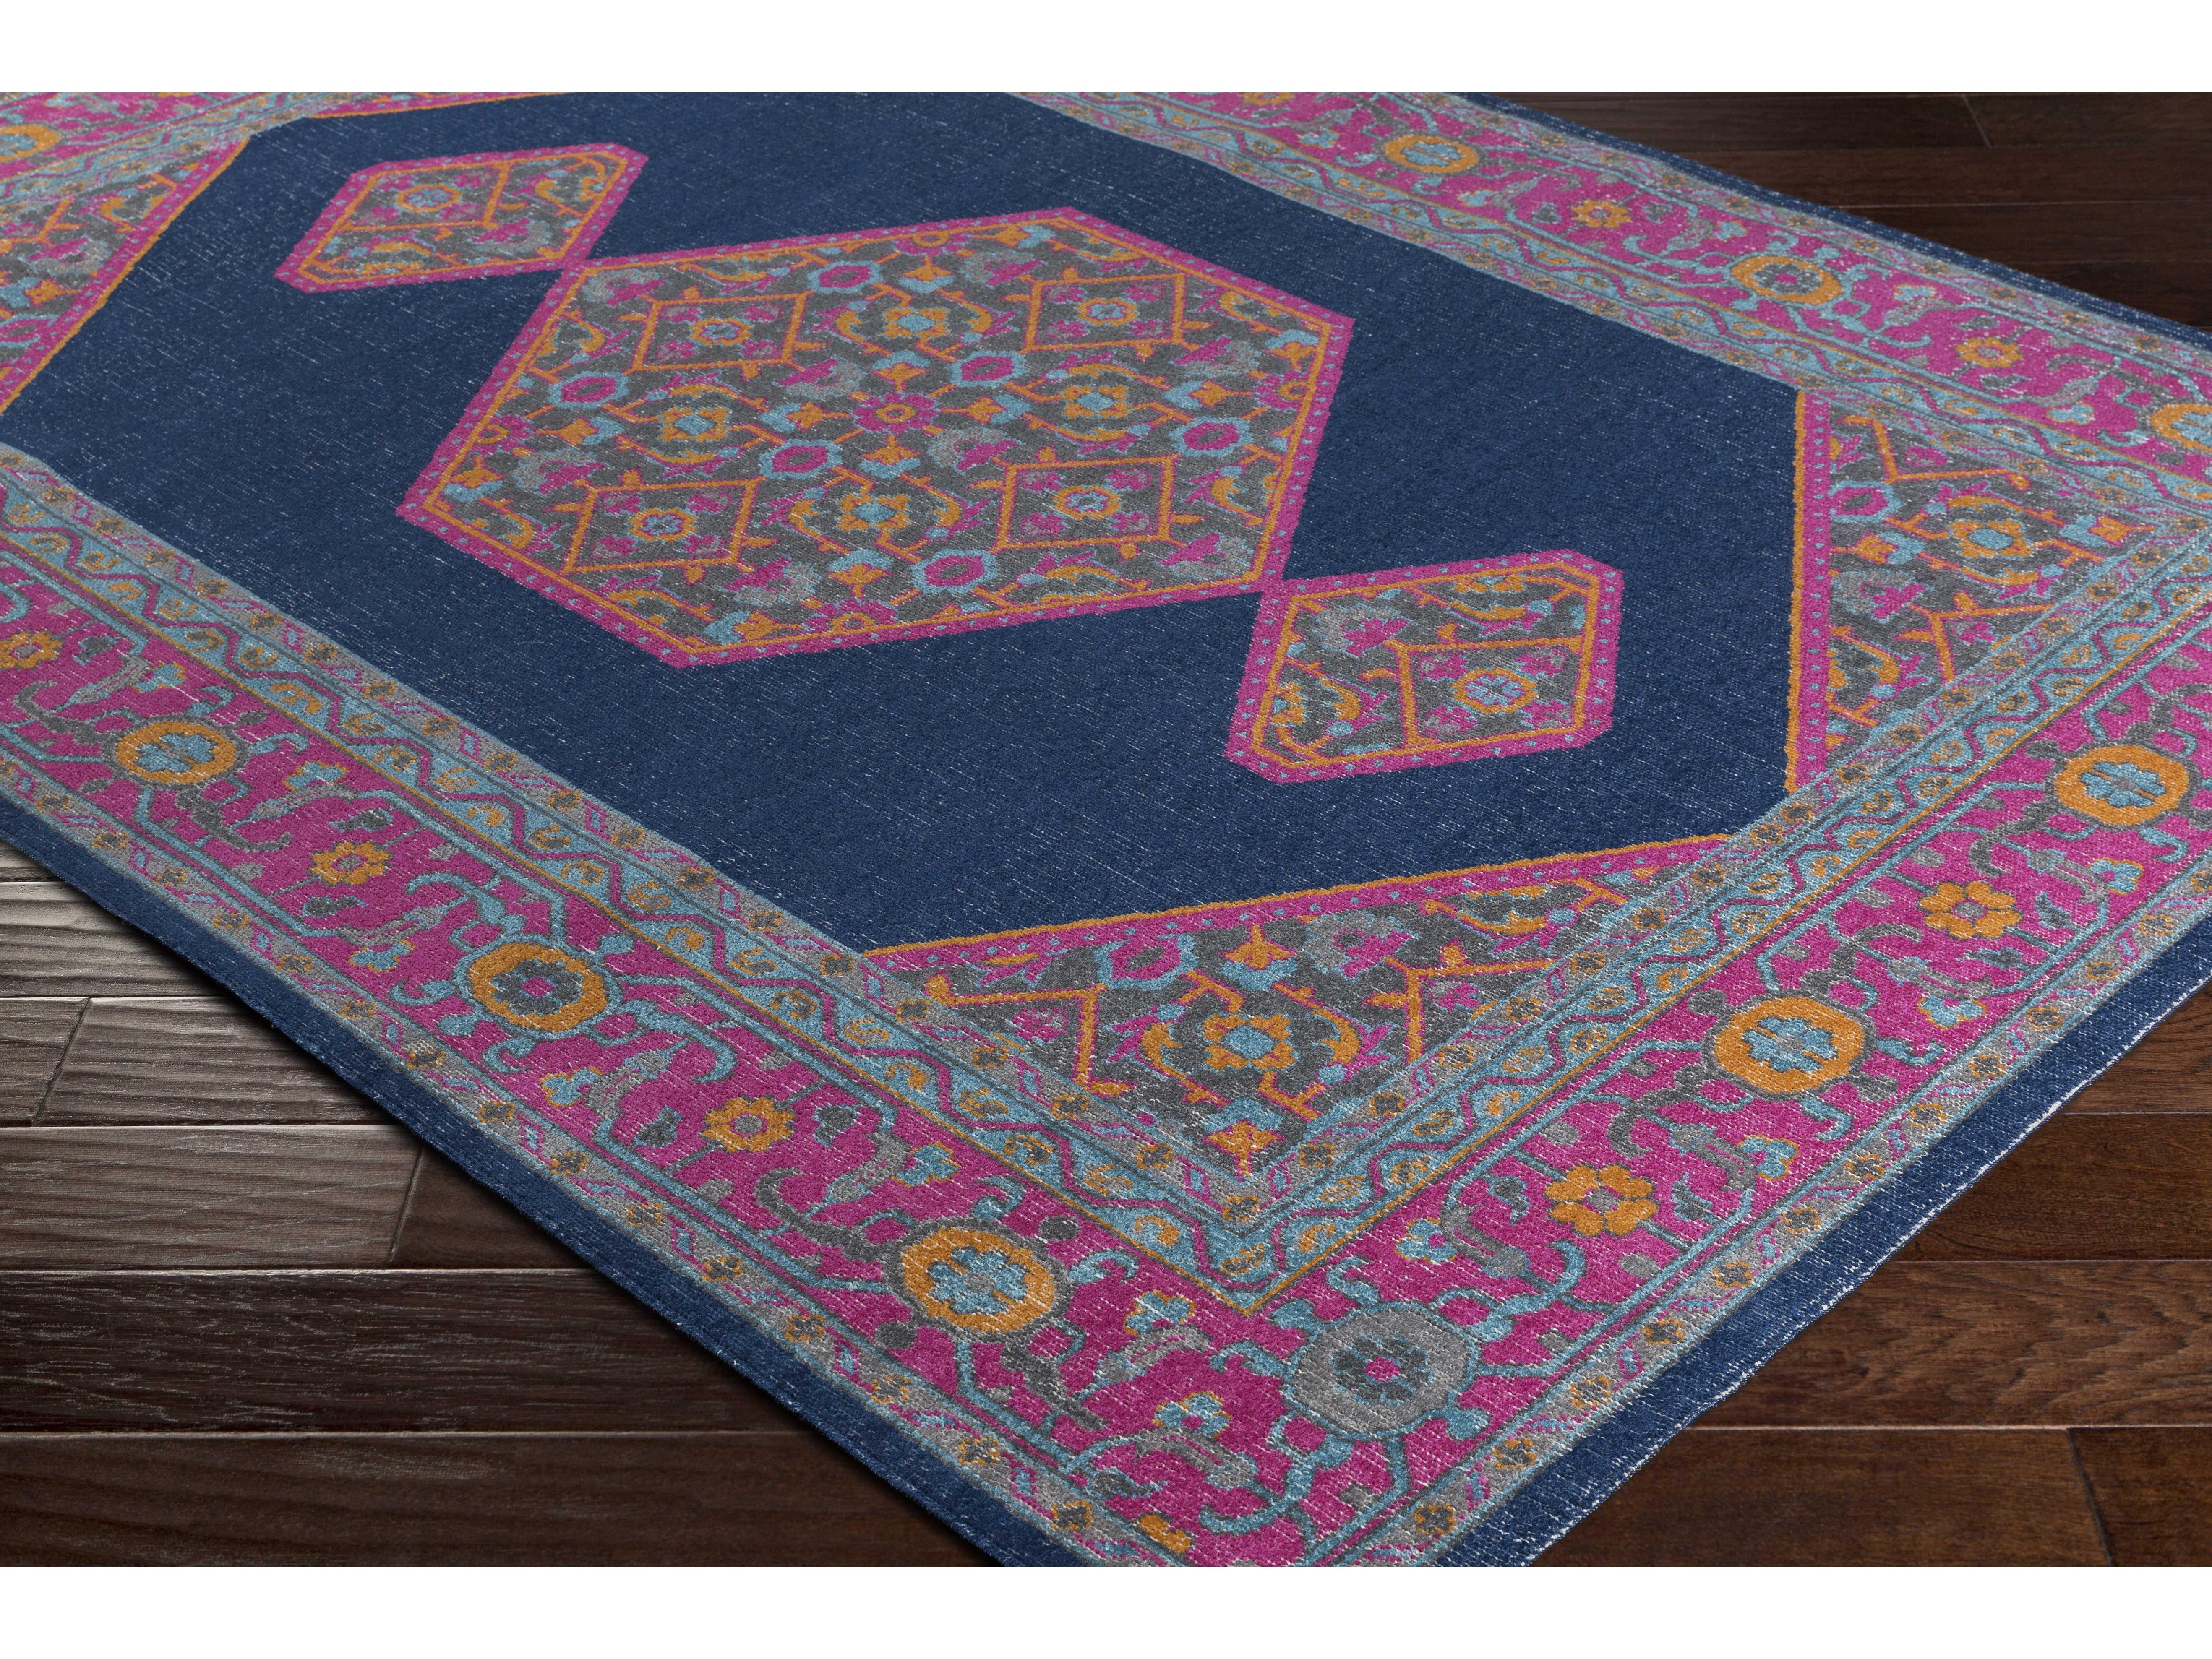 surya tessera rectangular navy pink burnt orange area rug sytse1002rec. Black Bedroom Furniture Sets. Home Design Ideas